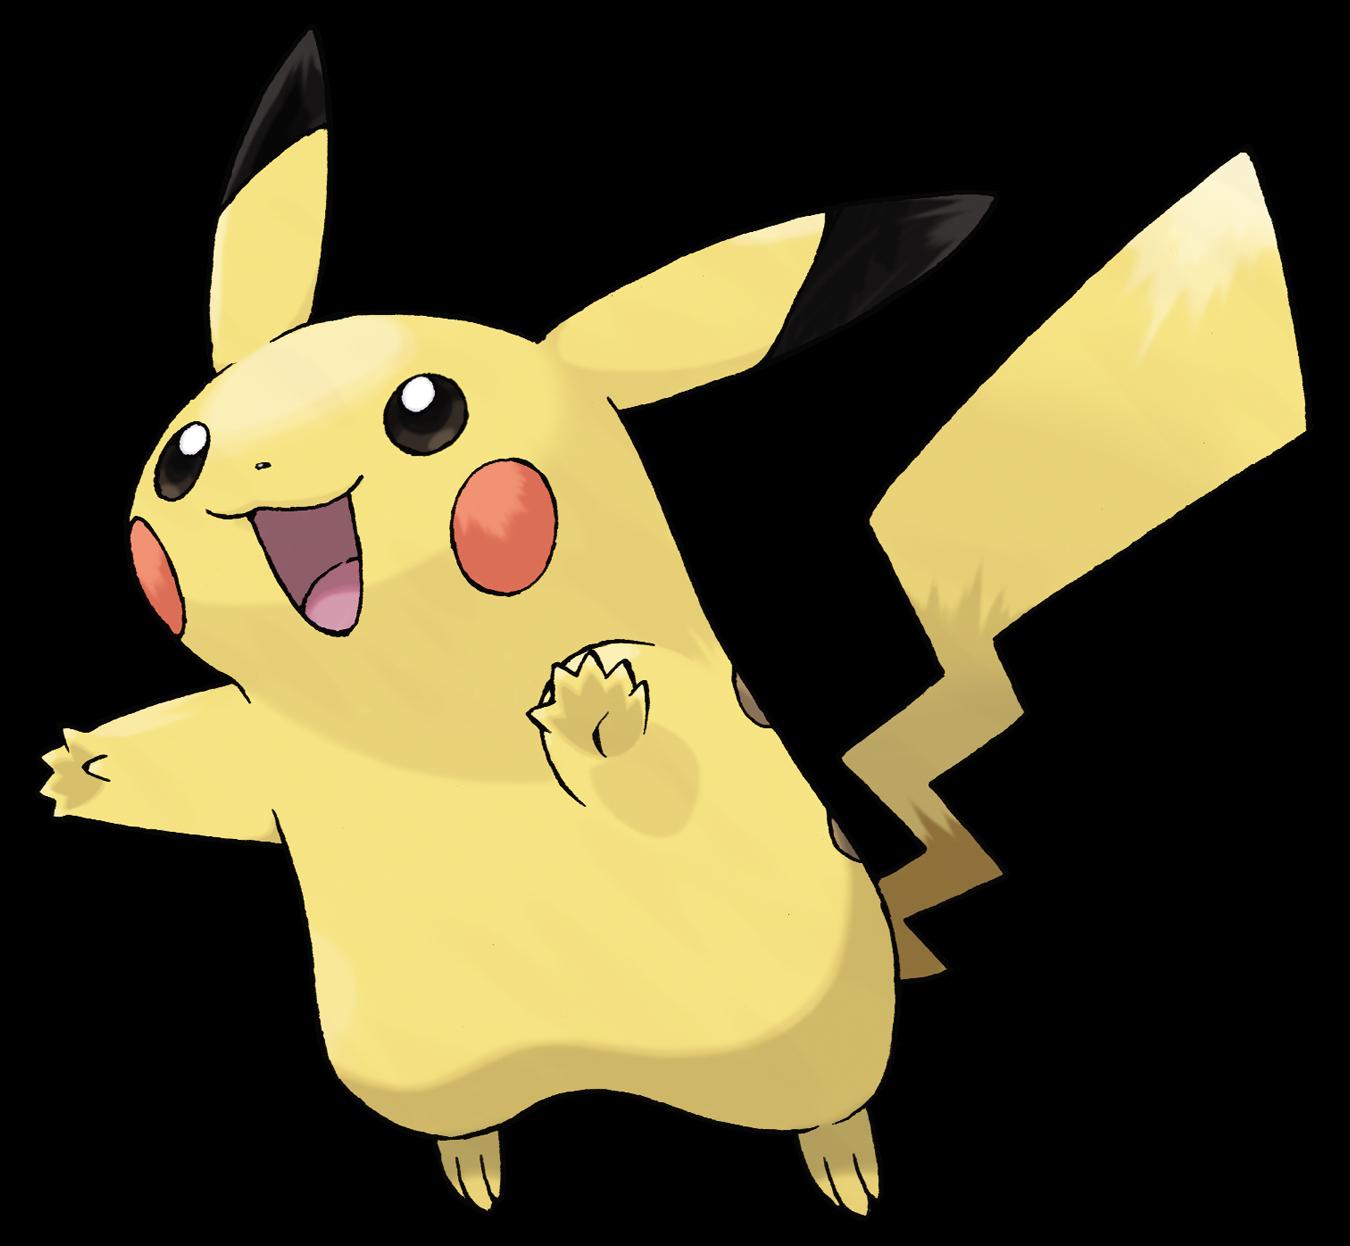 Pikachu | WikiDex | FANDOM powered by Wikia